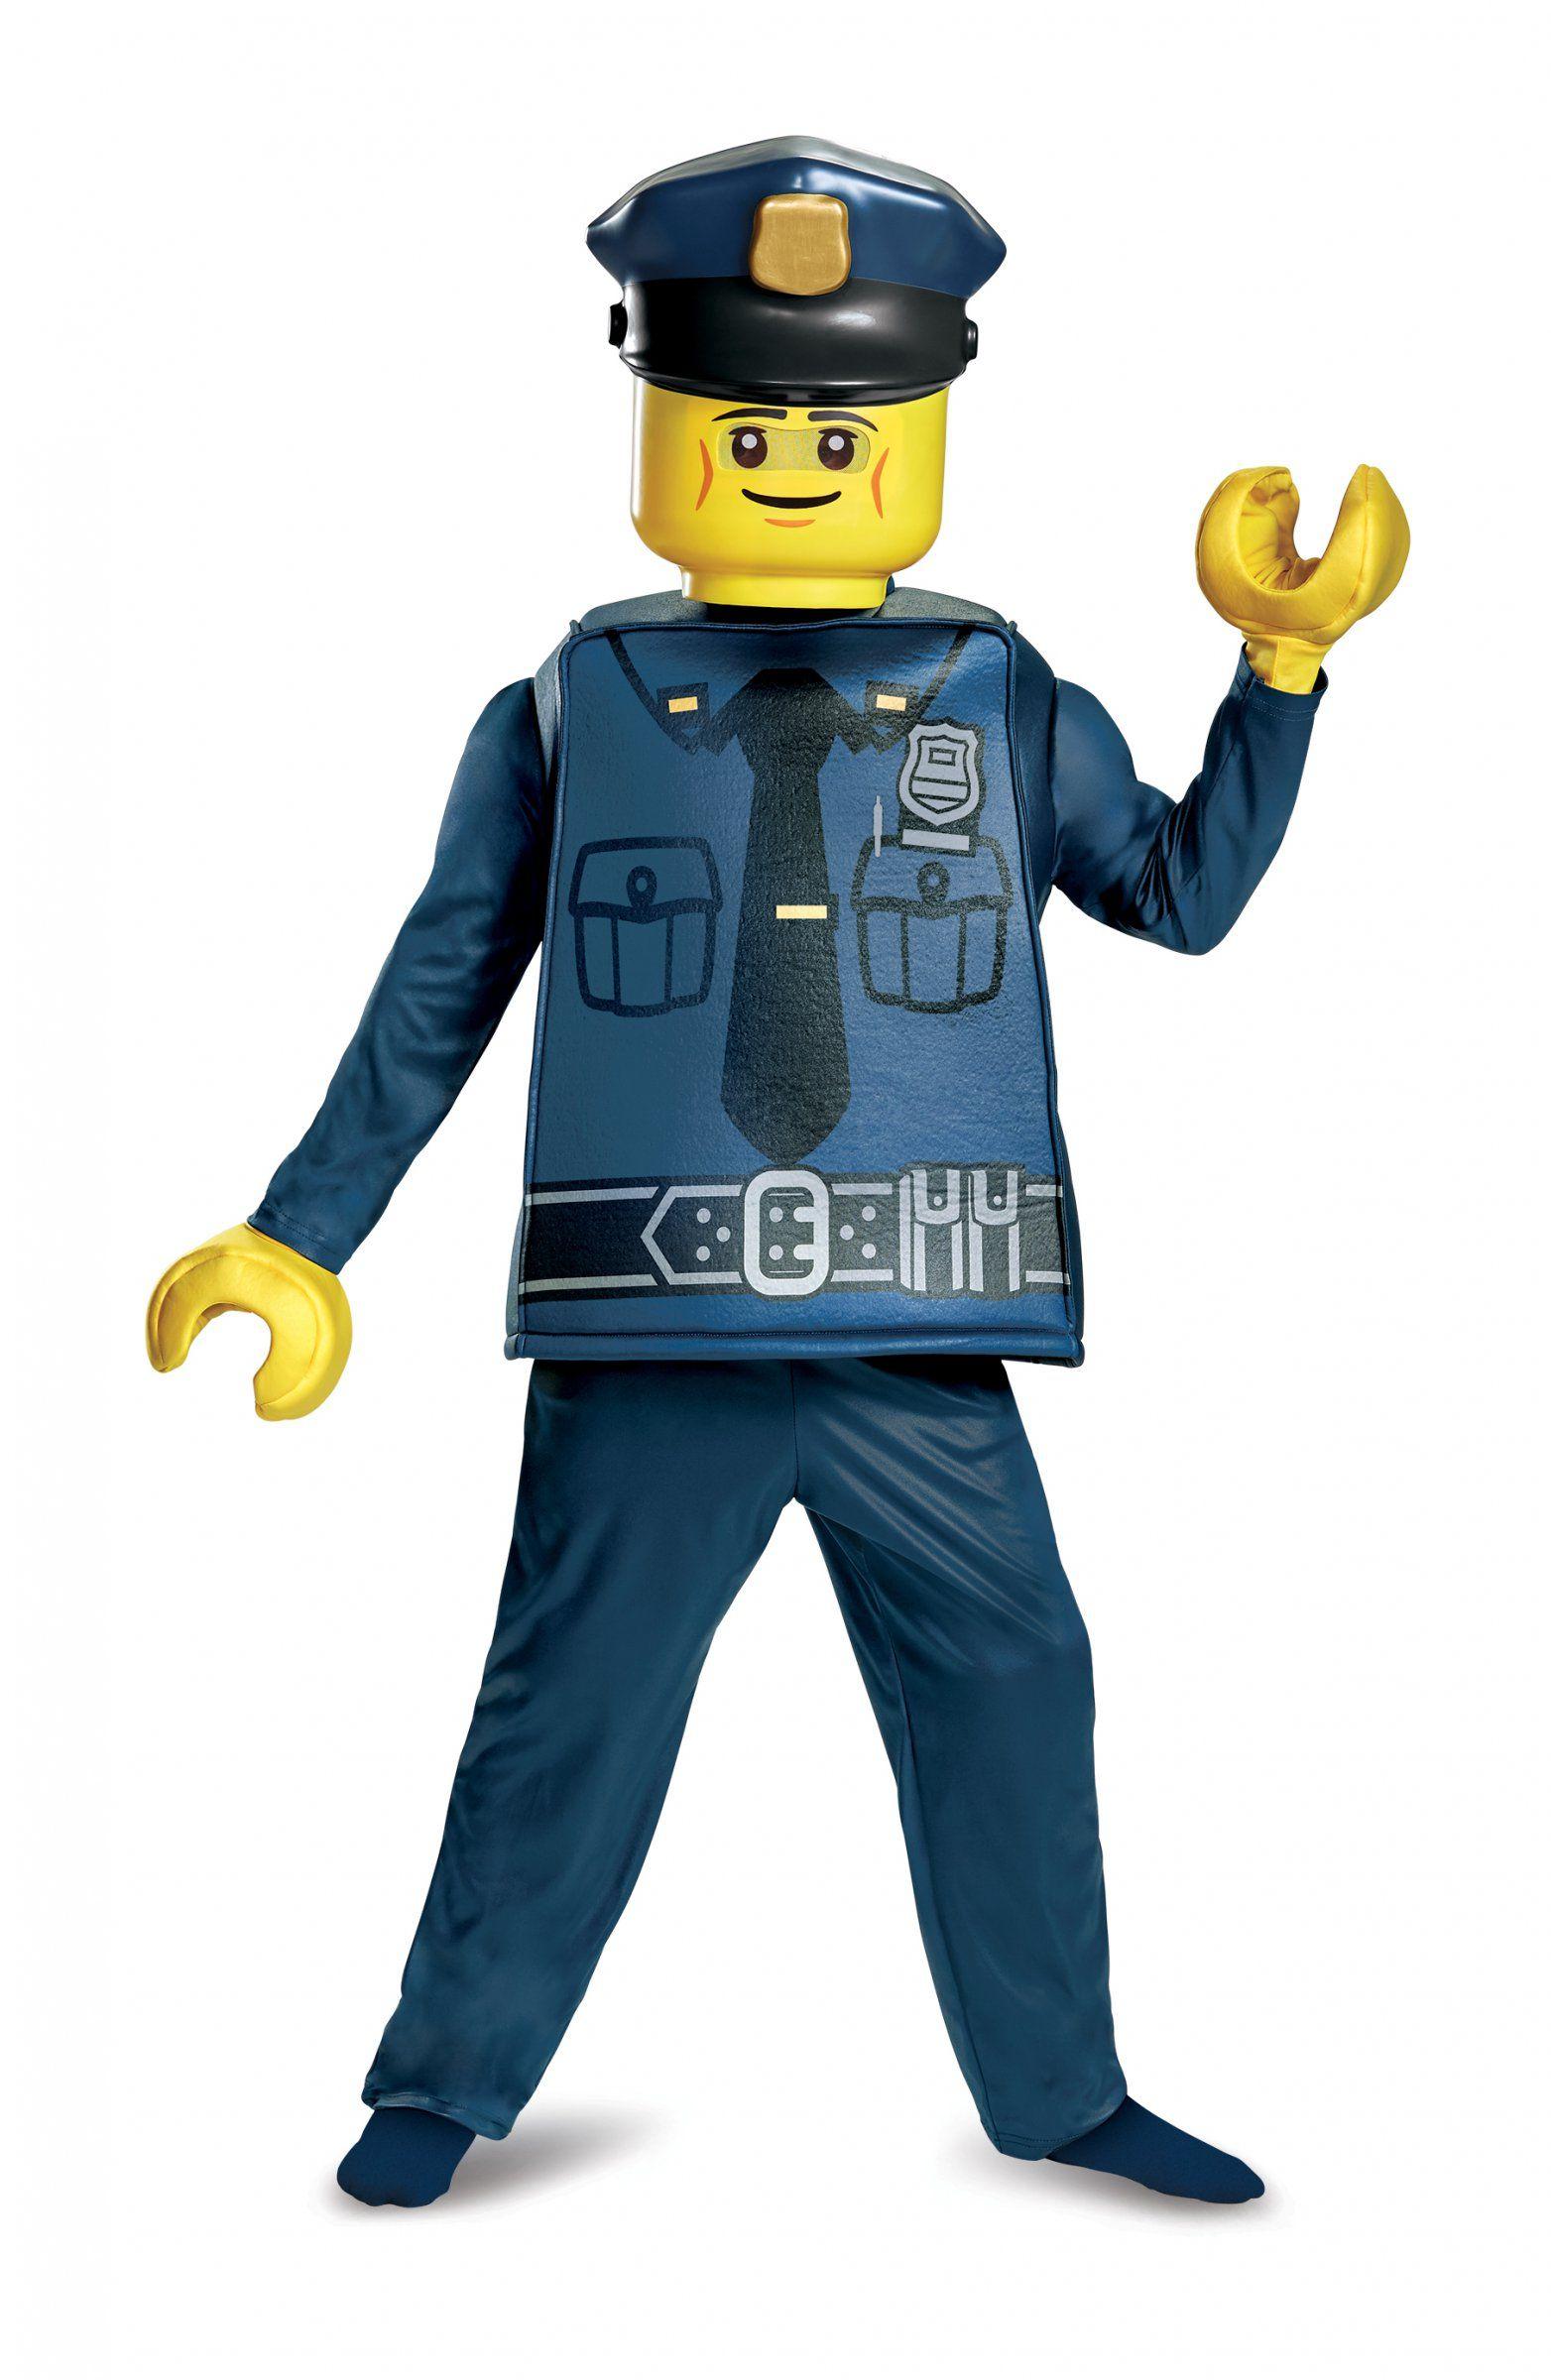 Lego™ polizist kinderkostüm für jungen bunt | Polizist, Karneval und ...